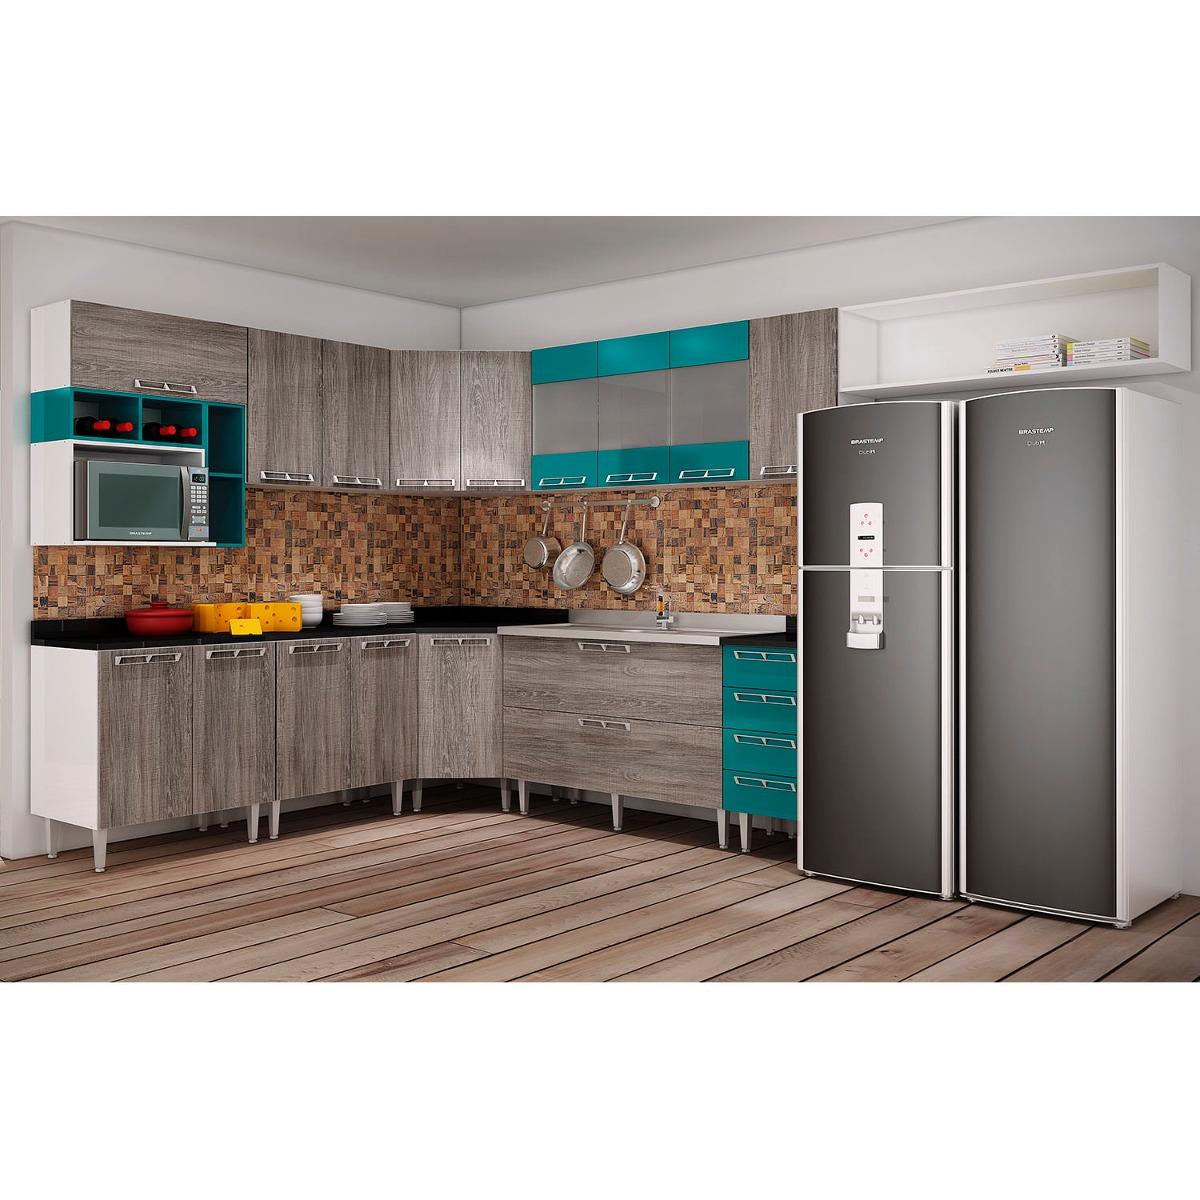 Cozinha Completa Cetus R Stico Verde H R 3 399 90 Em Mercado Livre